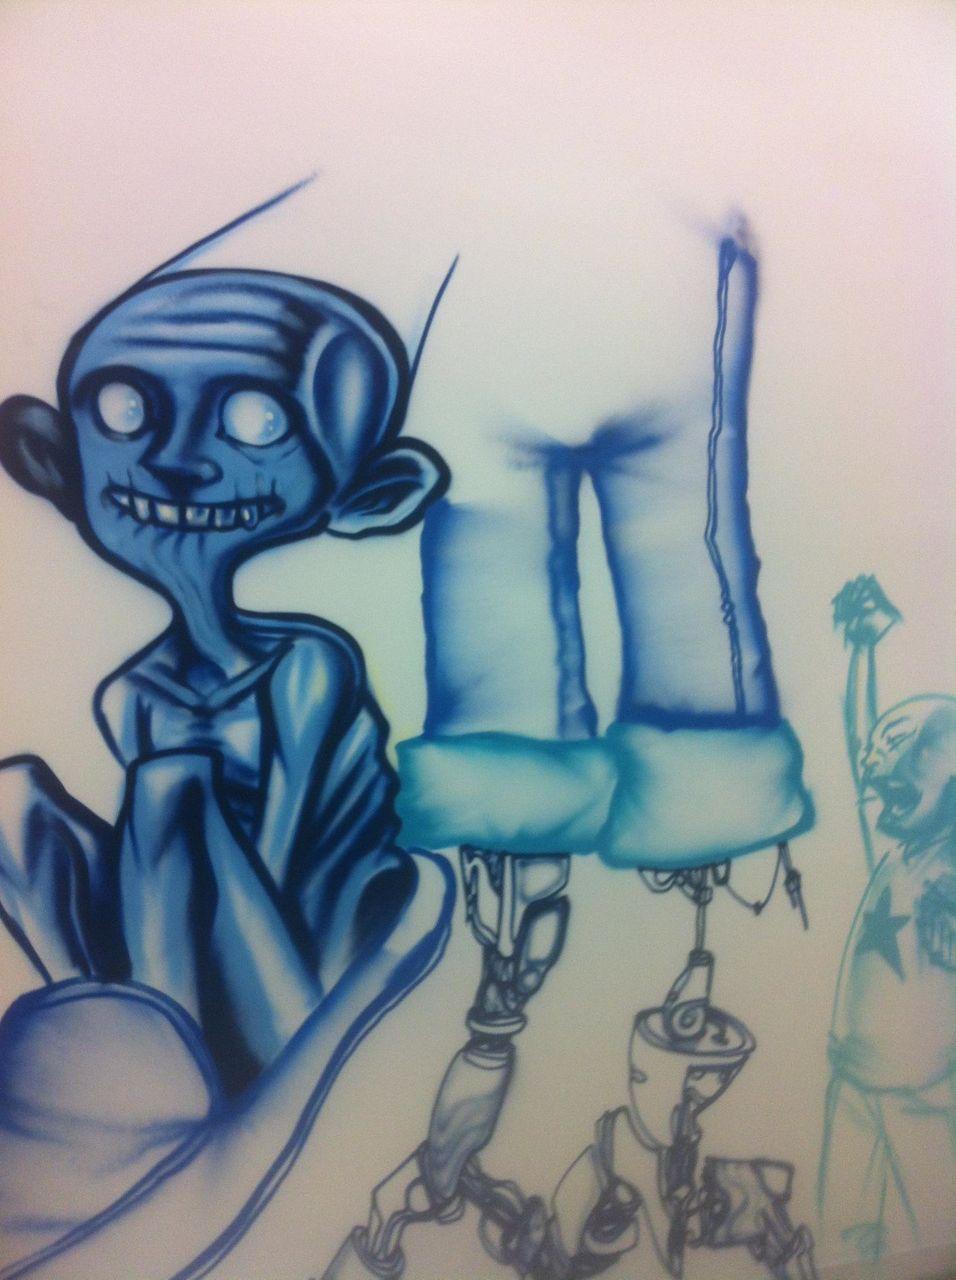 David-Choe-Facebook-Mural-07